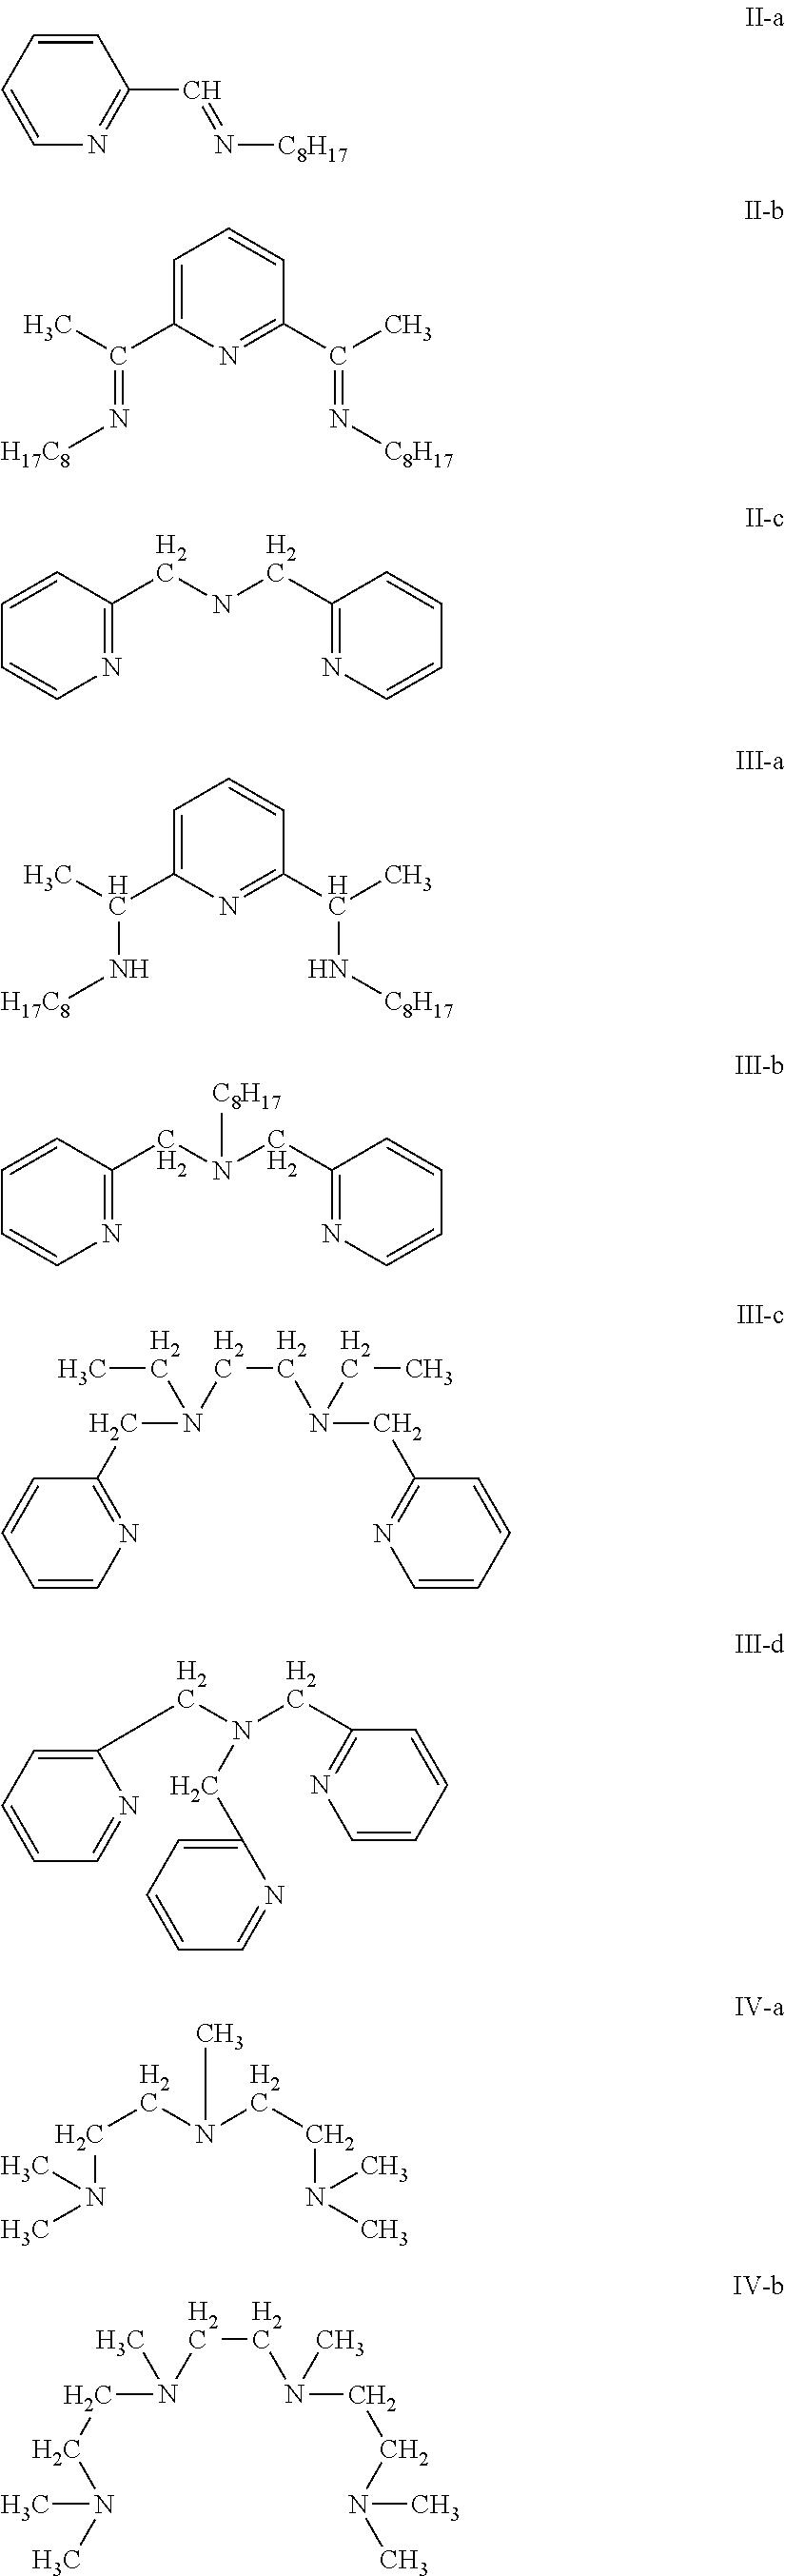 Figure US20100021635A1-20100128-C00009